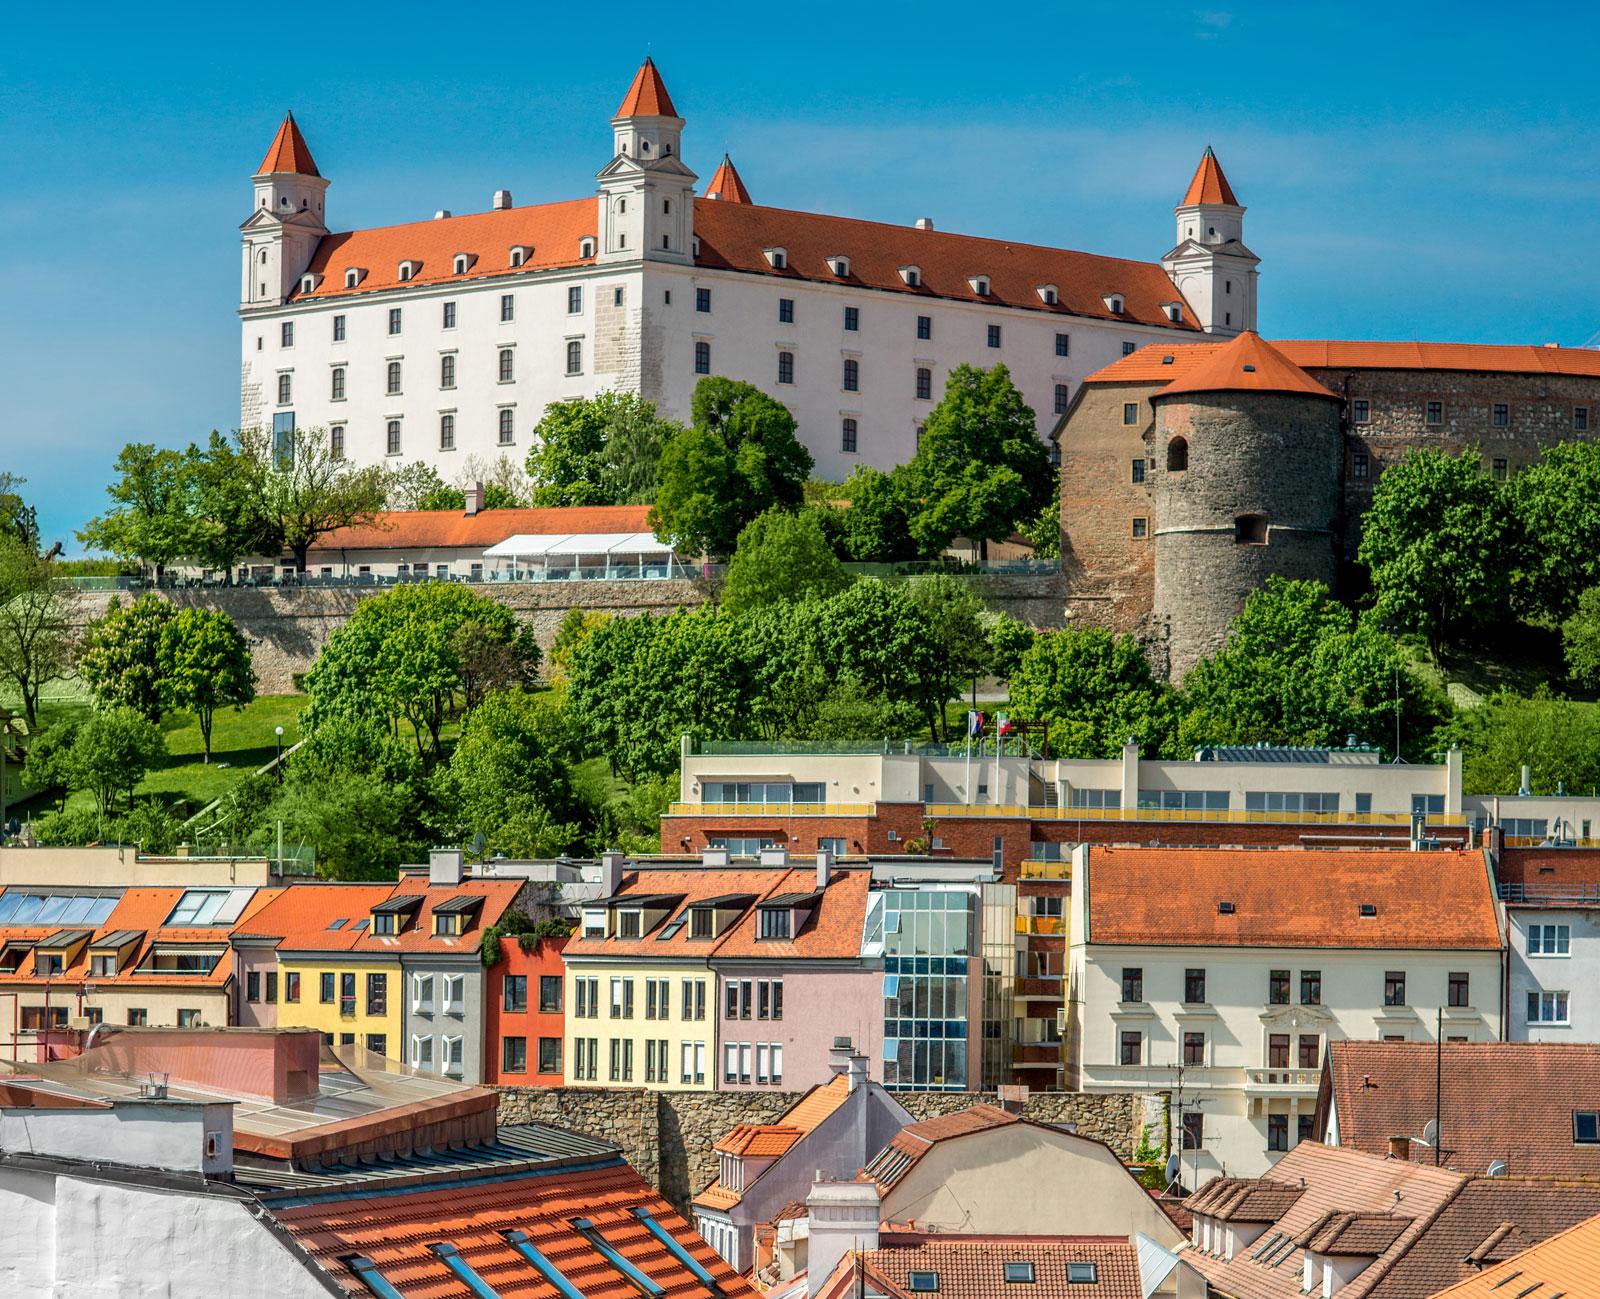 Slovakiyada beynəlxalq konfrans keçiriləcək